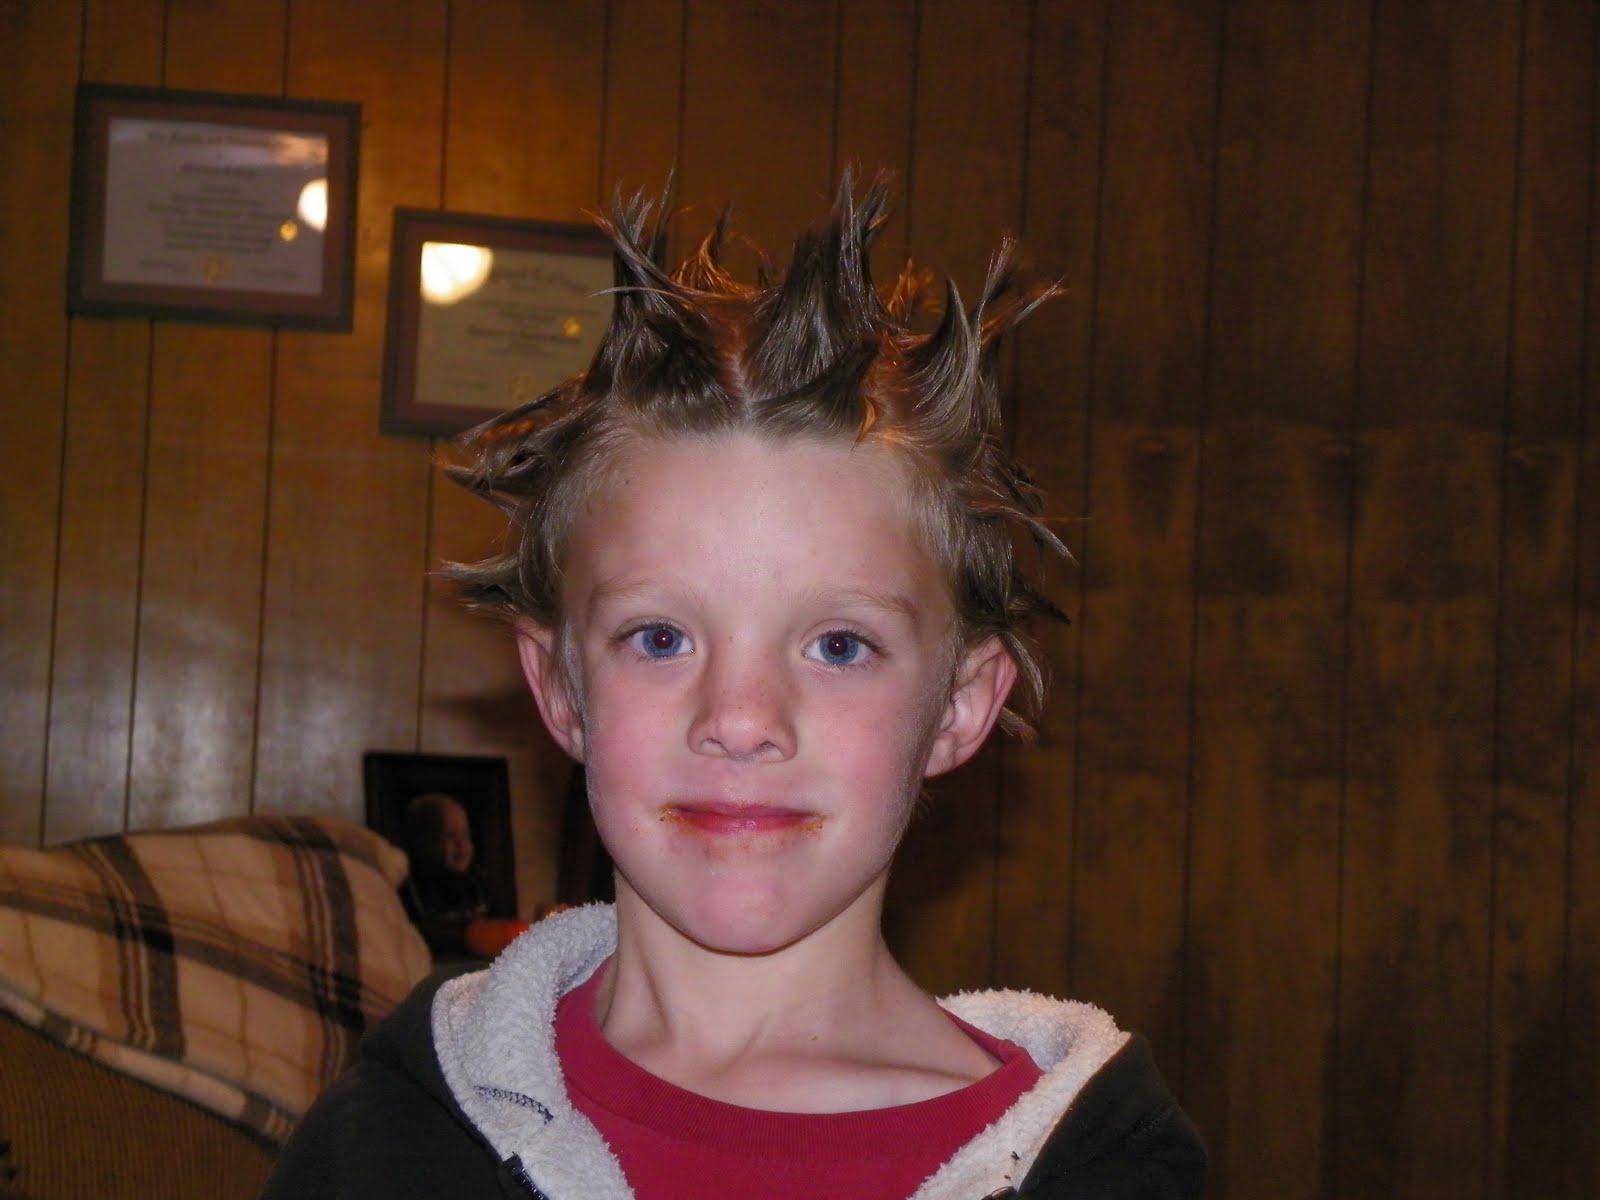 Easy Crazy Hair Day Ideas For Boys With Short Hair 32758 Loadtve